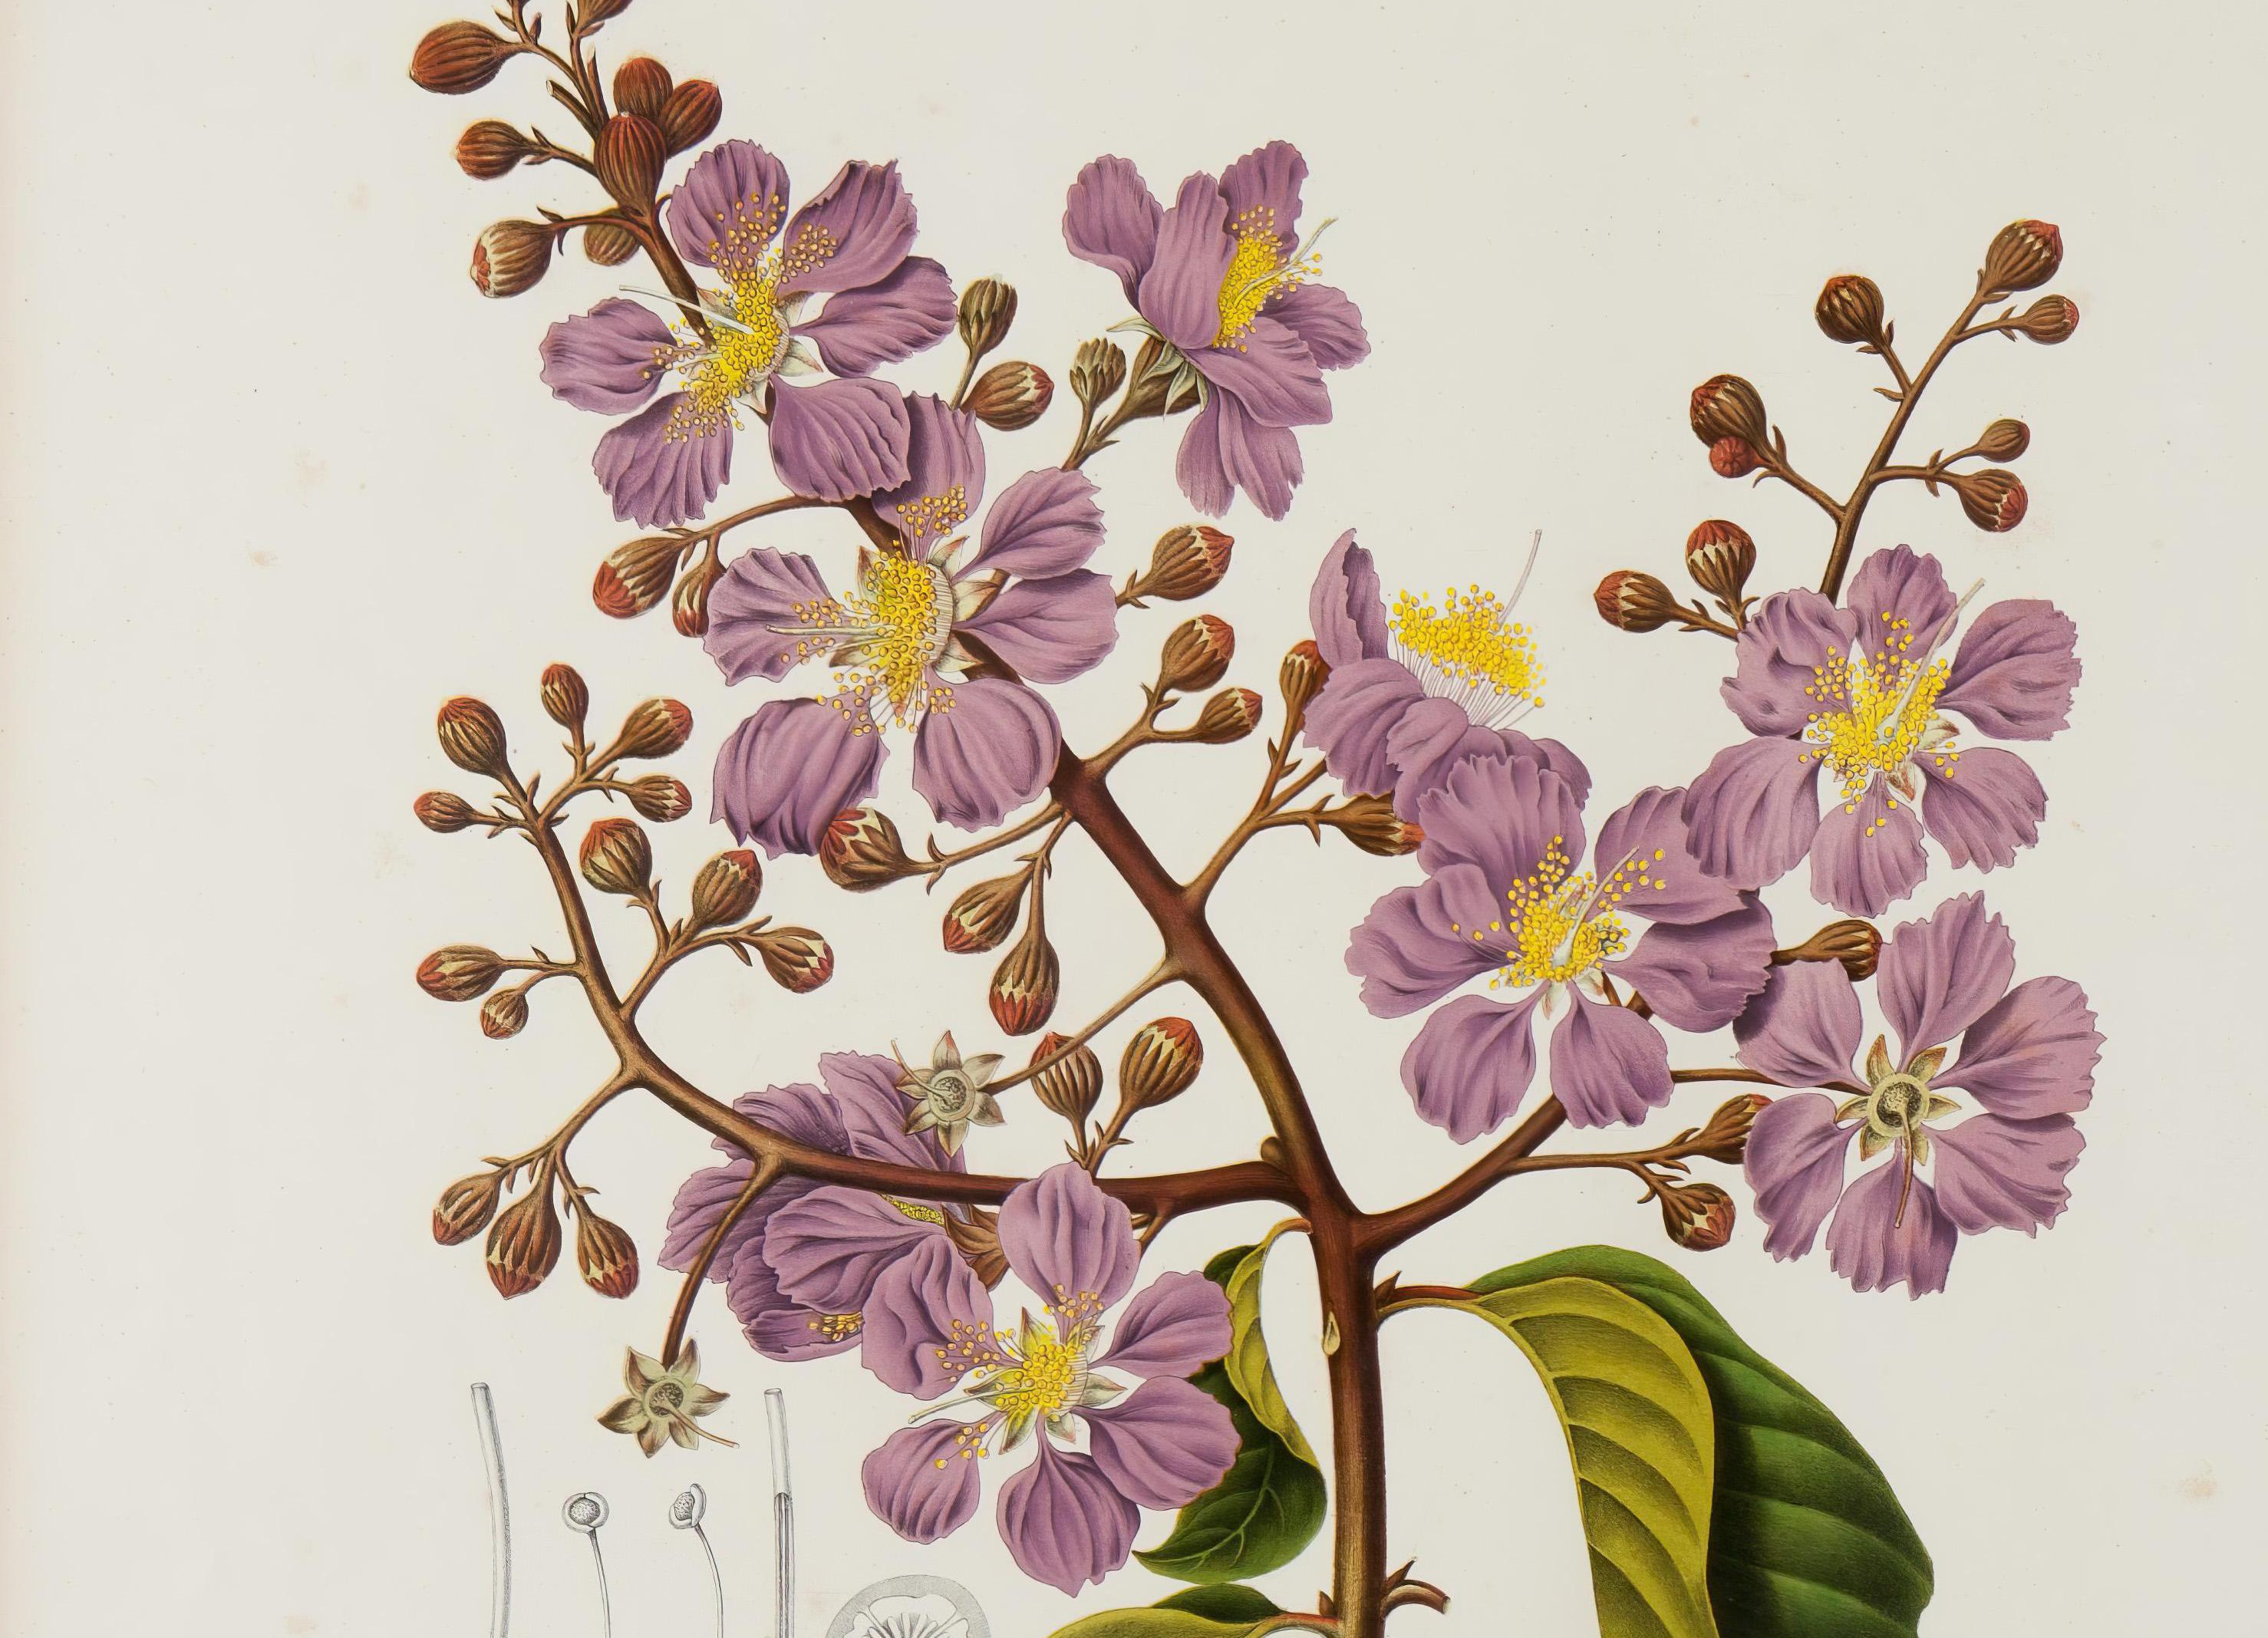 Hoola van Nooten in Teylers Musem Haarlem: boek met botanische illustraties levert cadeaus op van bewonderaars